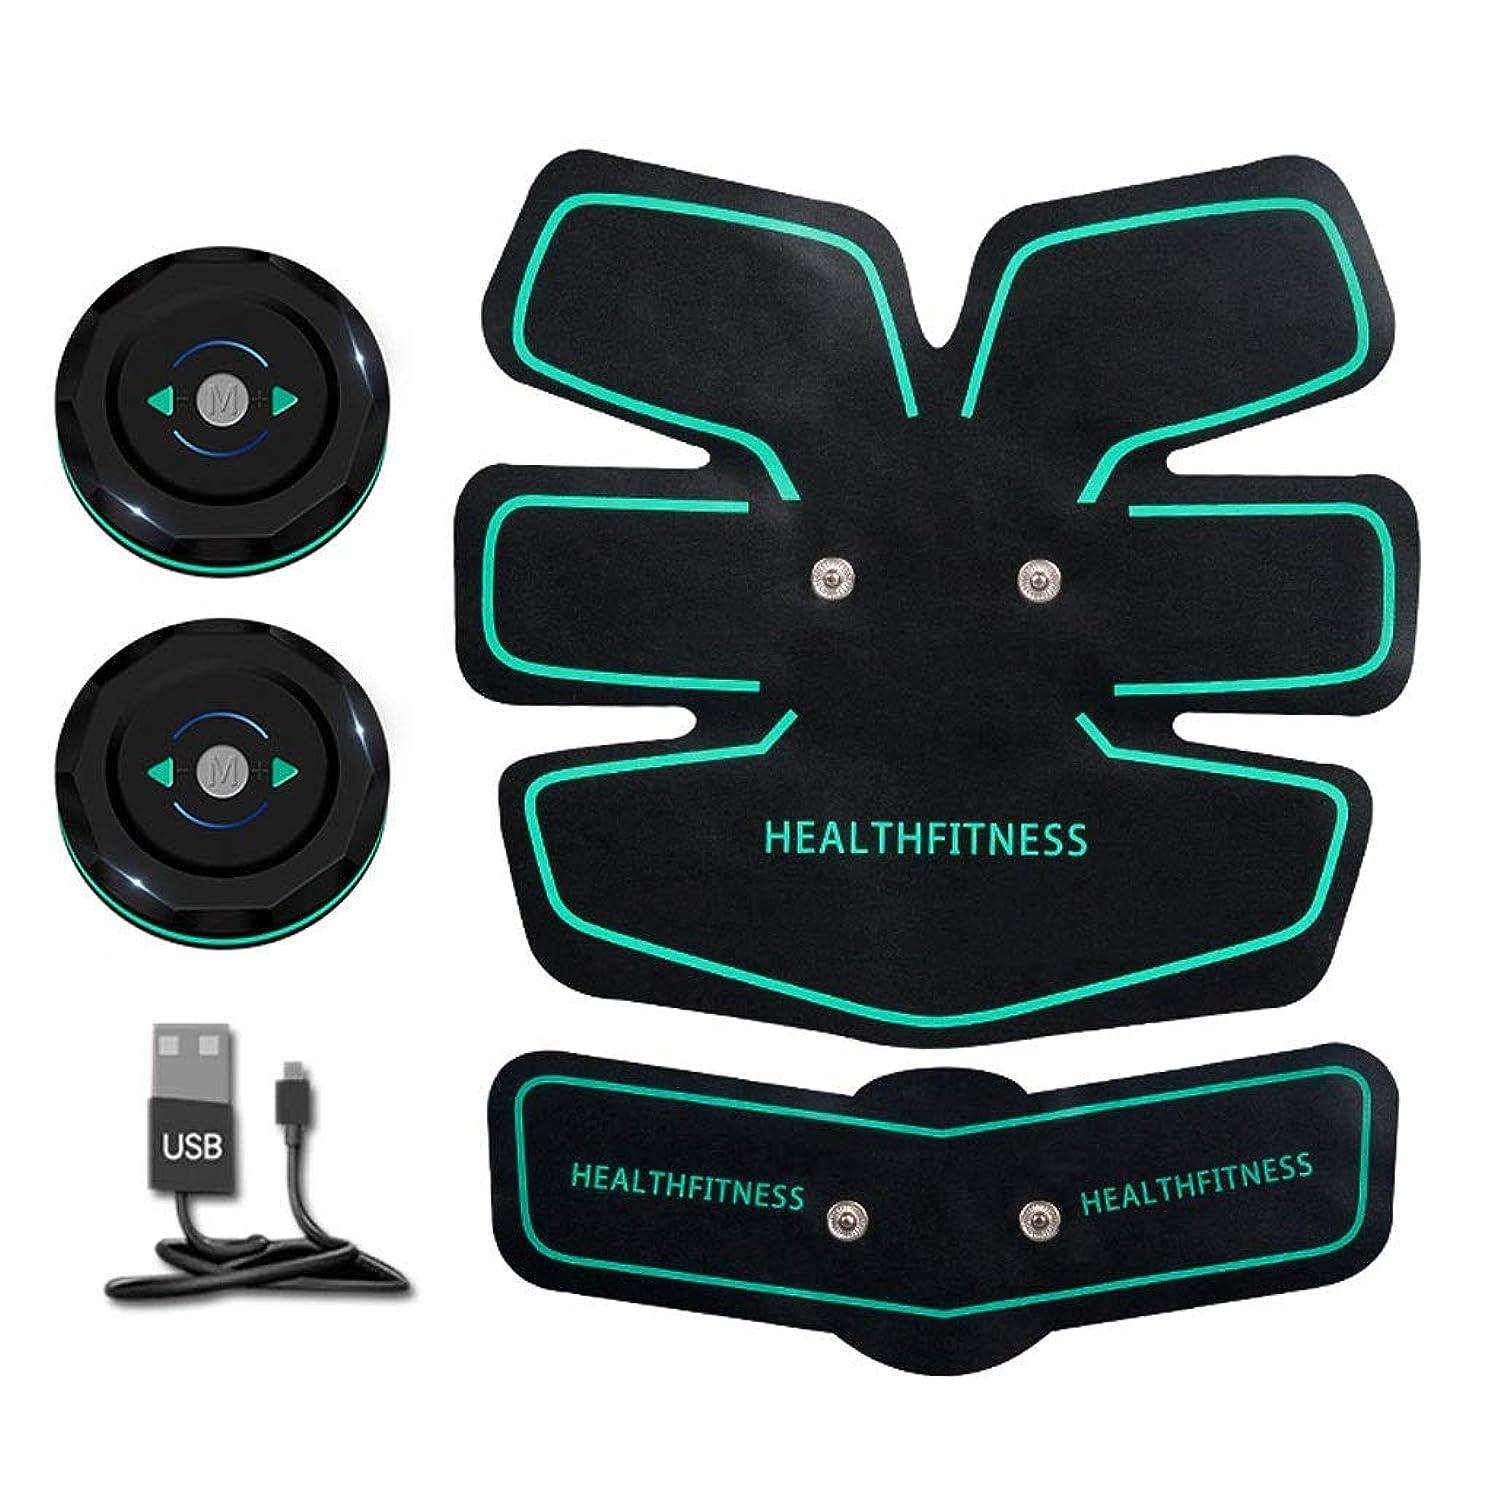 不道徳アーネストシャクルトン振る刺激装置、腹部調子を整えるベルトマッスルトナーポータブルマッスルトレーナー、ボディマッスルフィットネストレーナー6モード9レベル簡単操作用腹部アーム (Color : Green, Size : A)